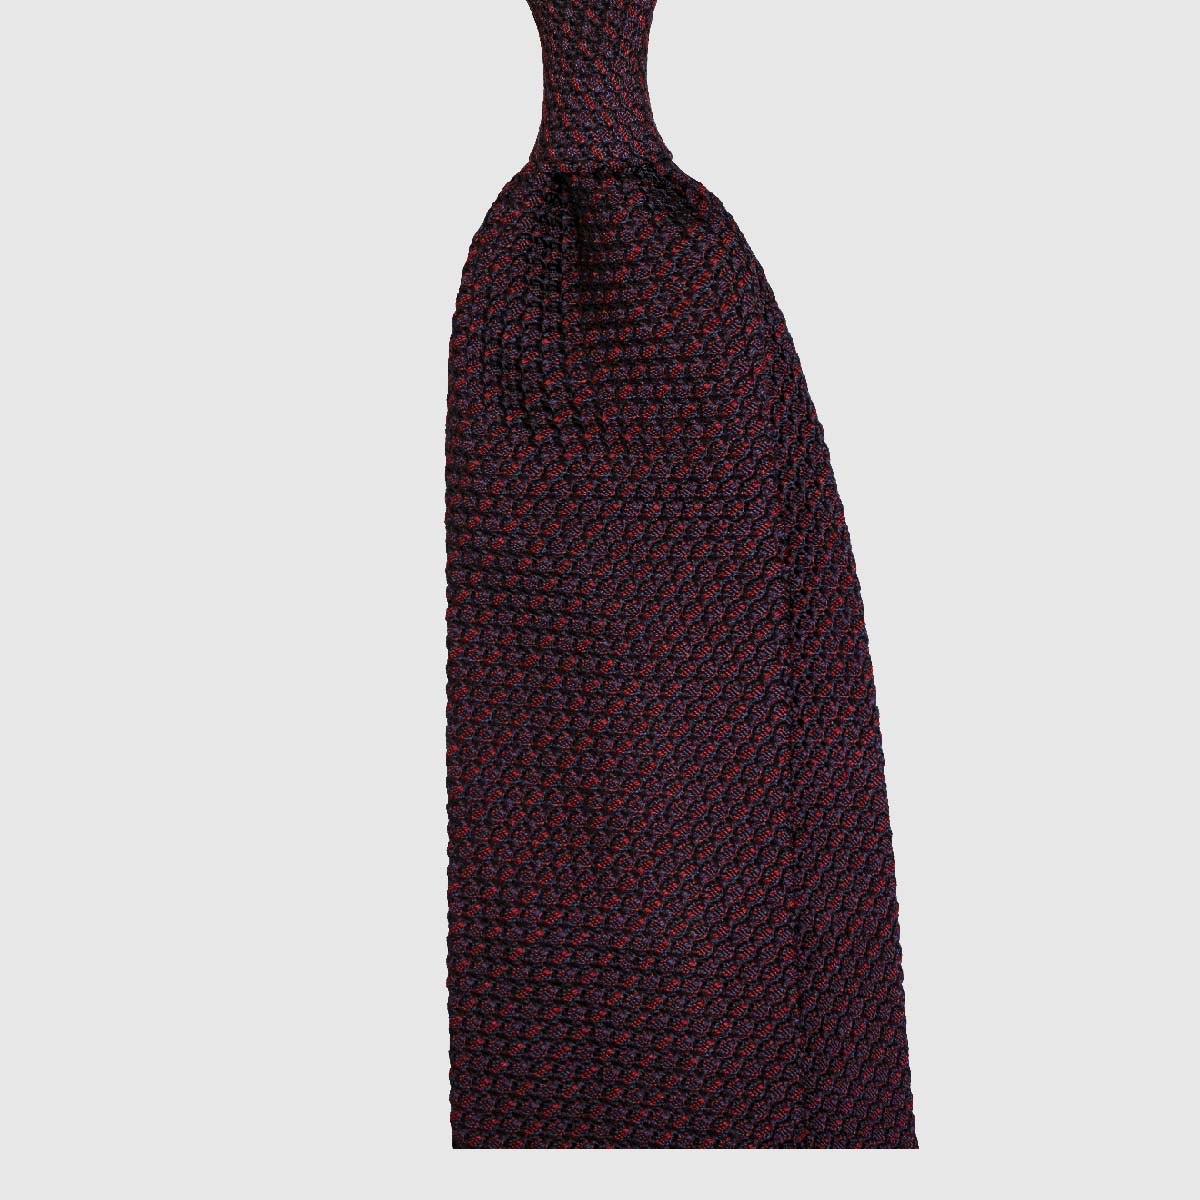 Tonale Striped Grenadine Tie – Navy / Bordeaux